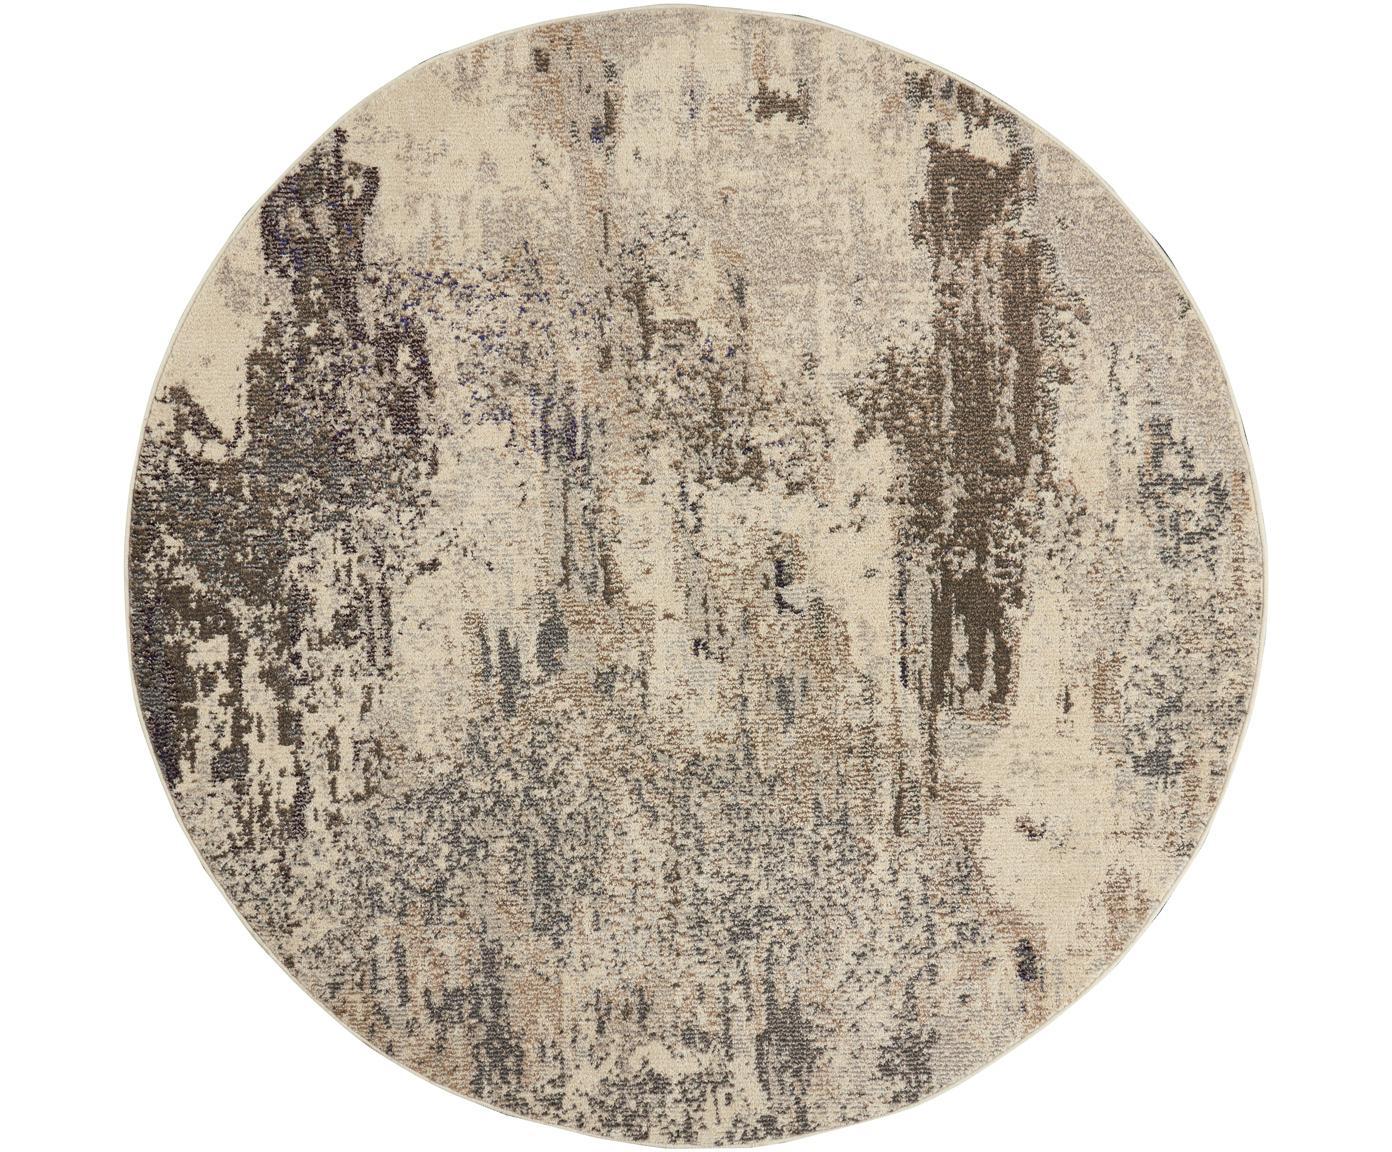 Tappeto di design rotondo Celestial, Retro: juta, Tonalità beige, Ø 160 cm (taglia L)